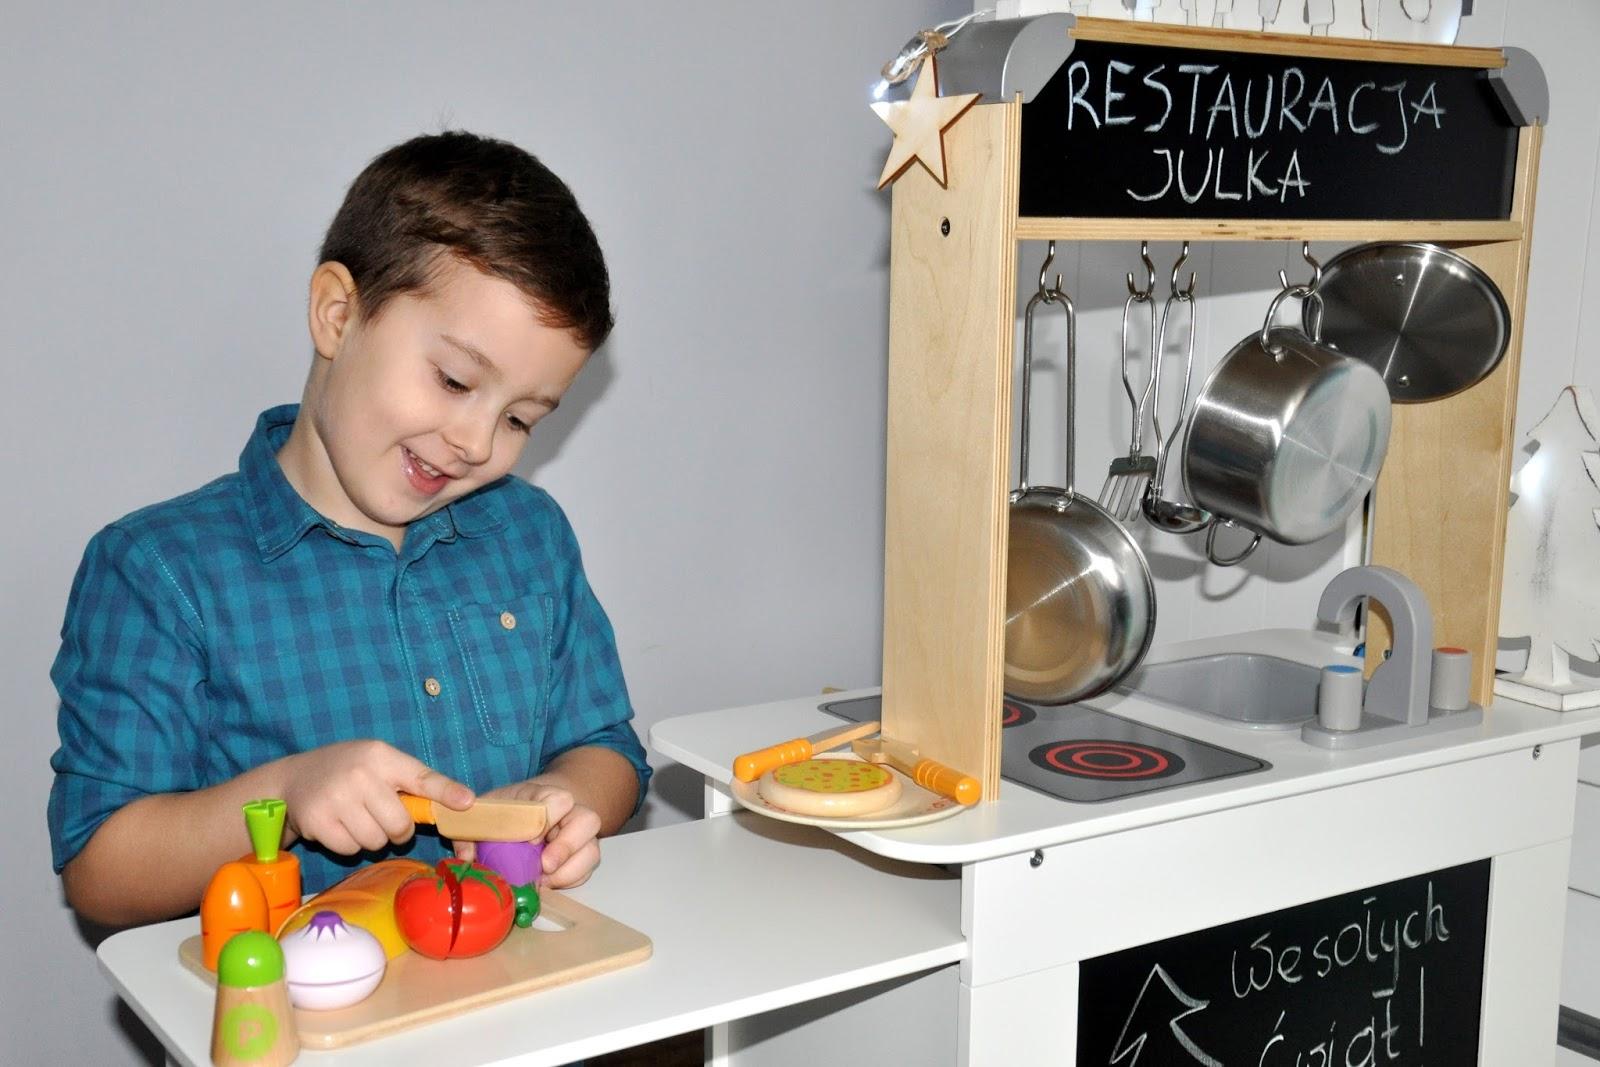 """""""Kiedy będę dorosły, będę miał swoją własną restaurację..."""", czyli jak spełniamy maleńkie marzenia!"""